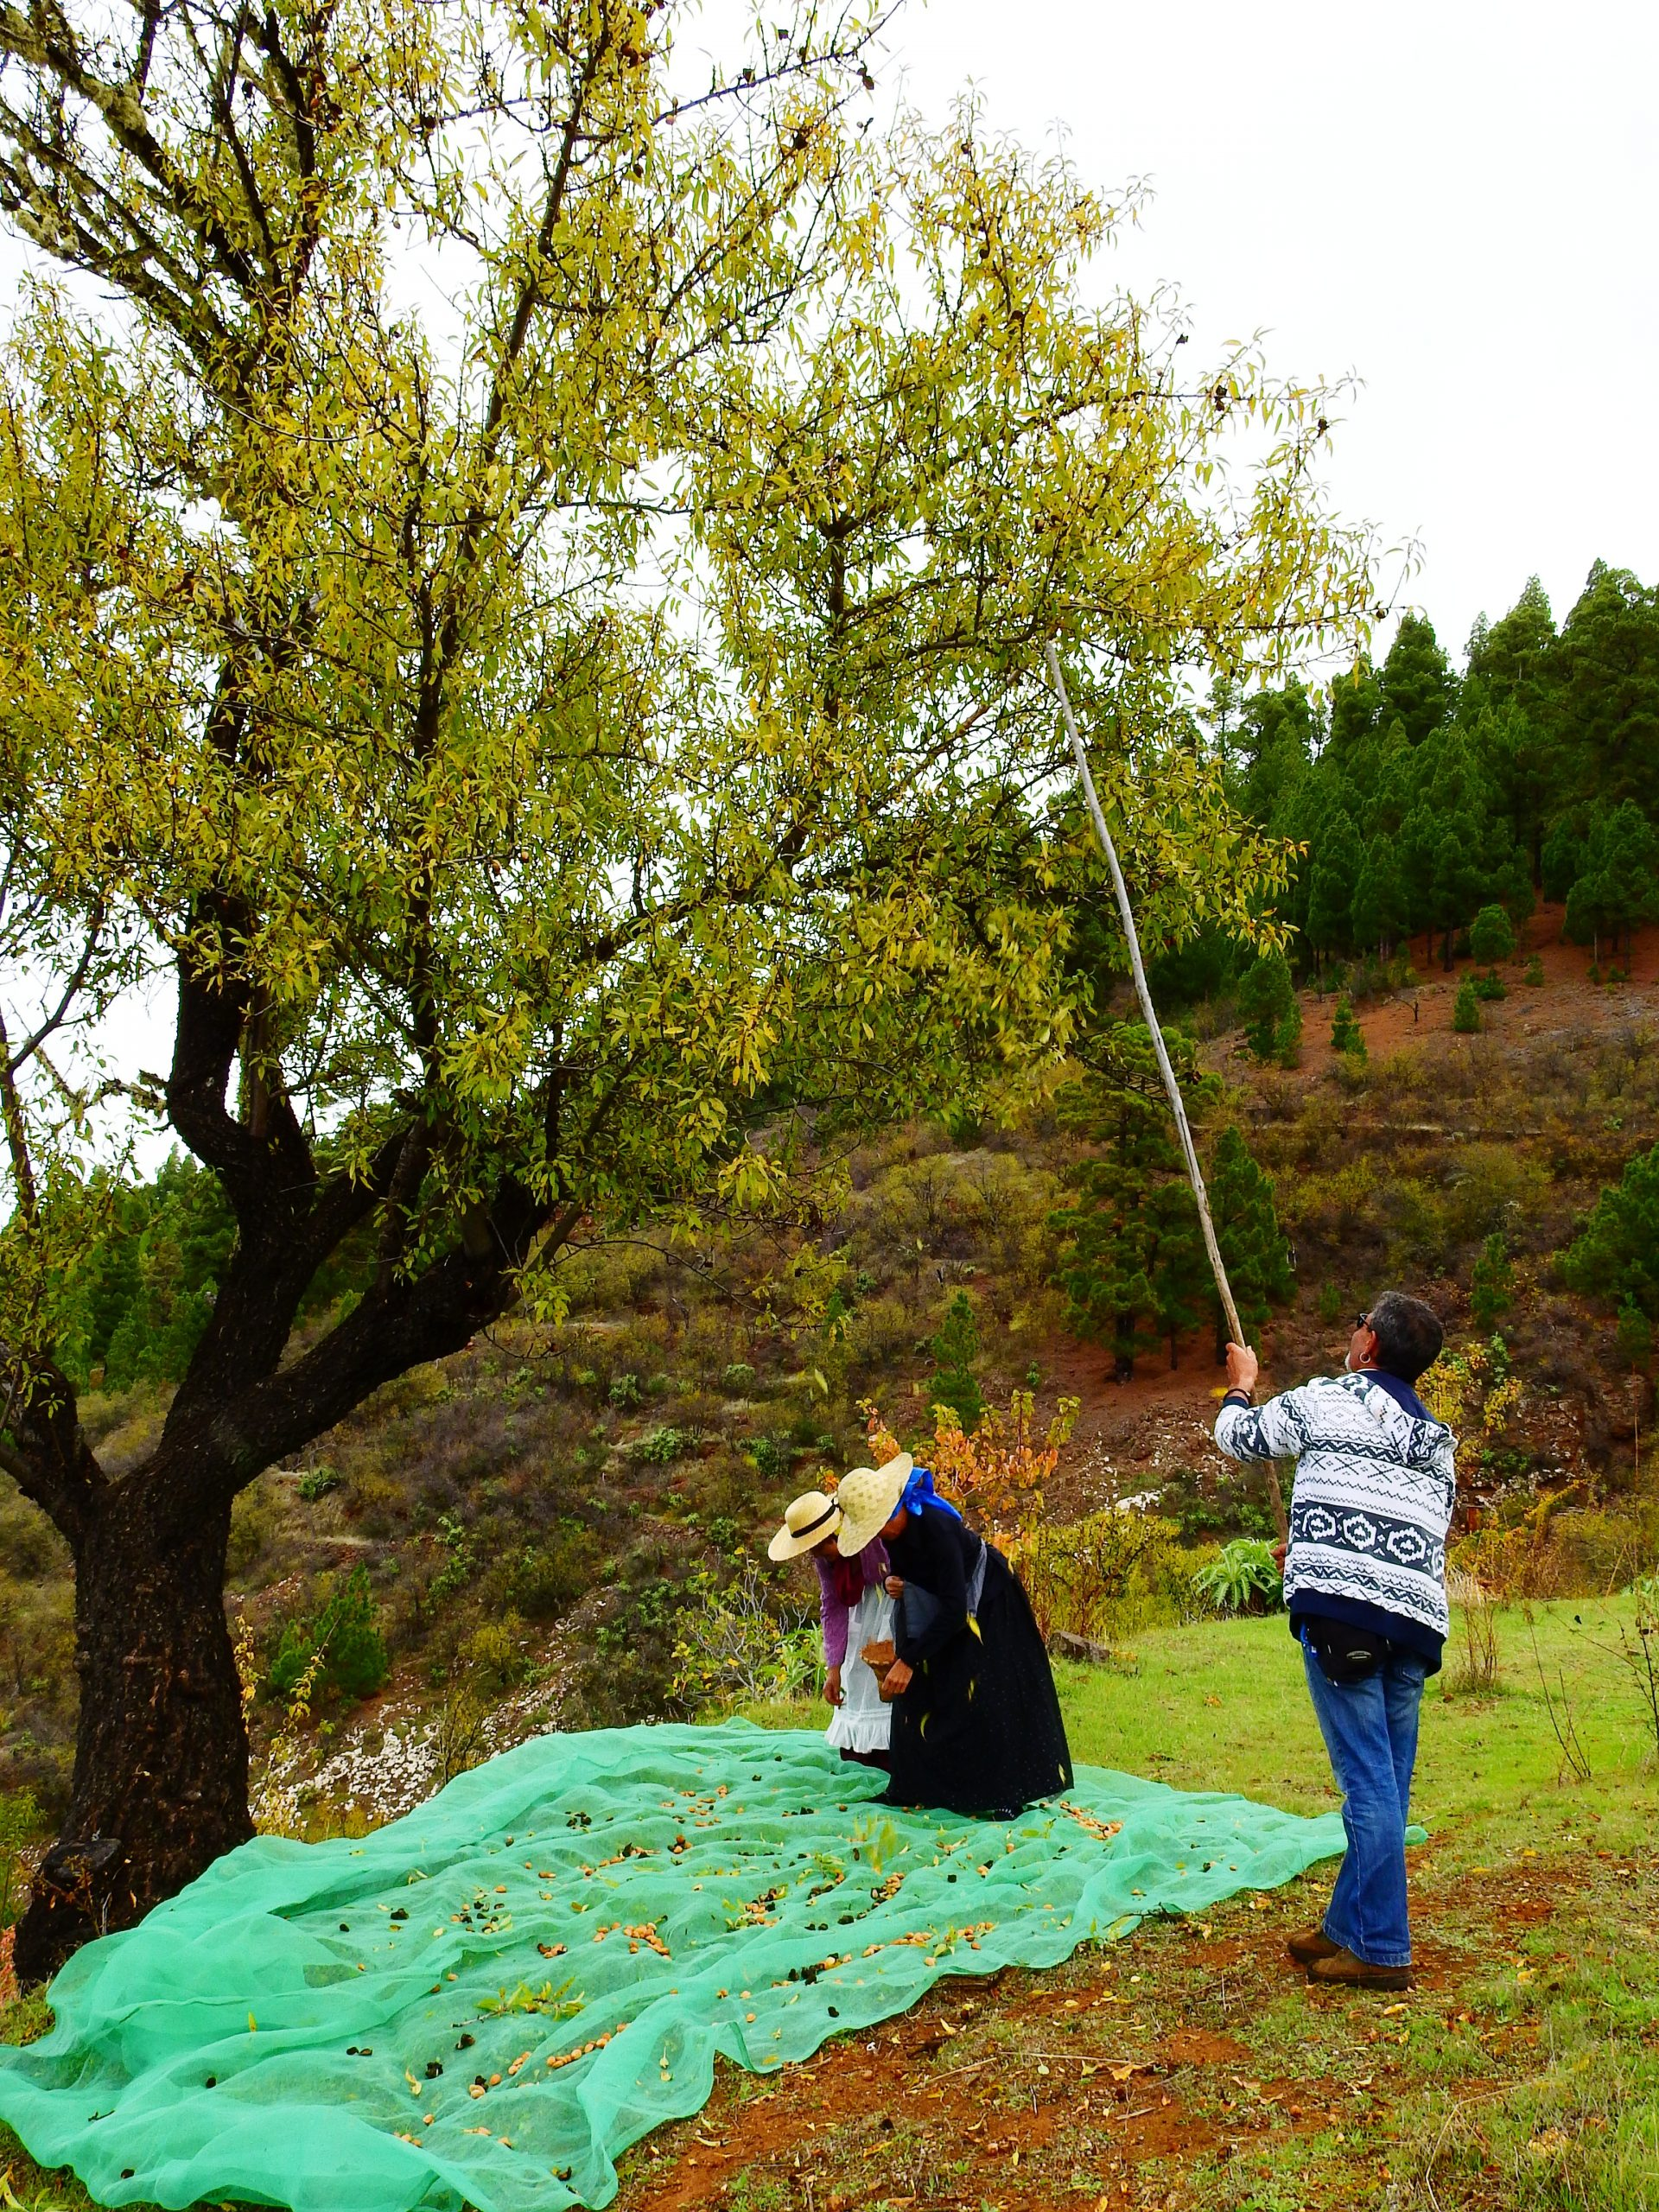 Foto nº6. Vareado con palo y tendal para la recolección de la almendra. © Jaime Hernández Jiménez.